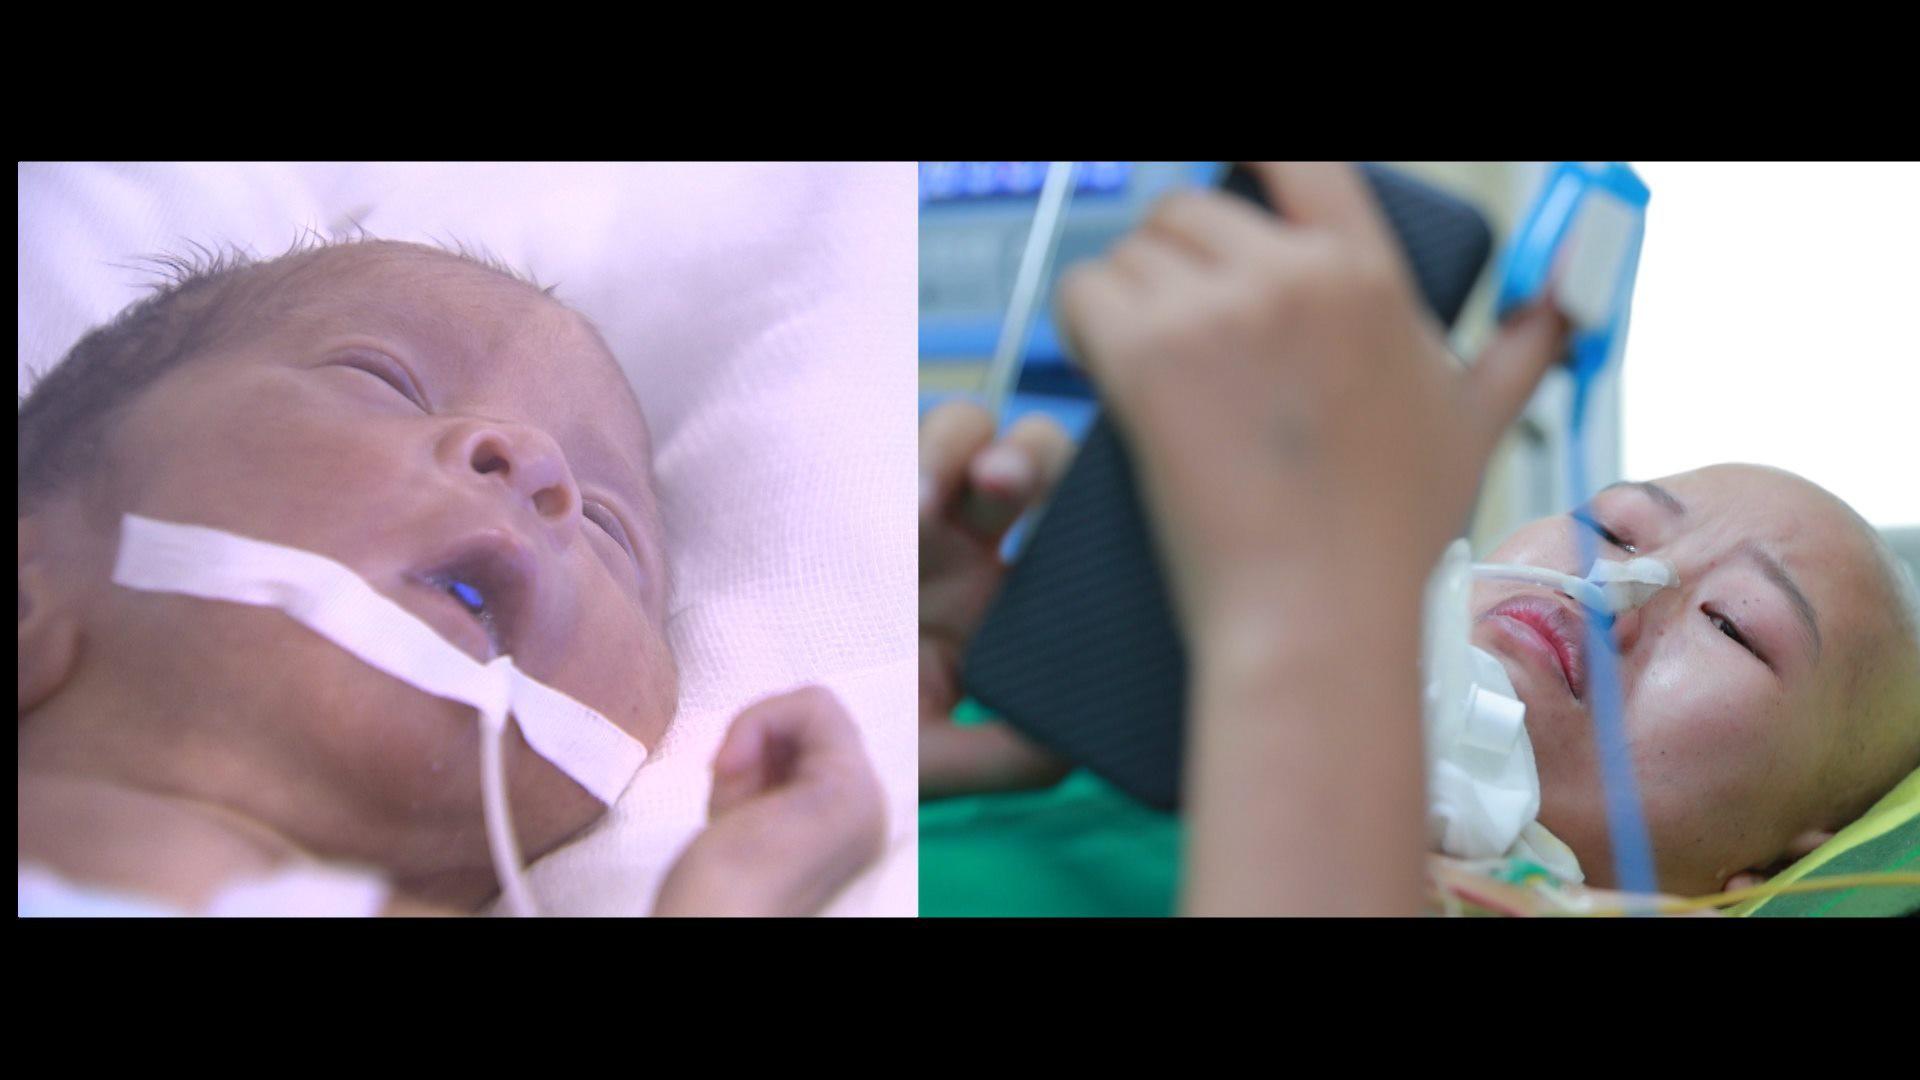 Nhật ký 55 ngày chiến đấu đầy cảm xúc của người mẹ ung thư và con trai: Mong Bình An rồi sẽ bình an!-5